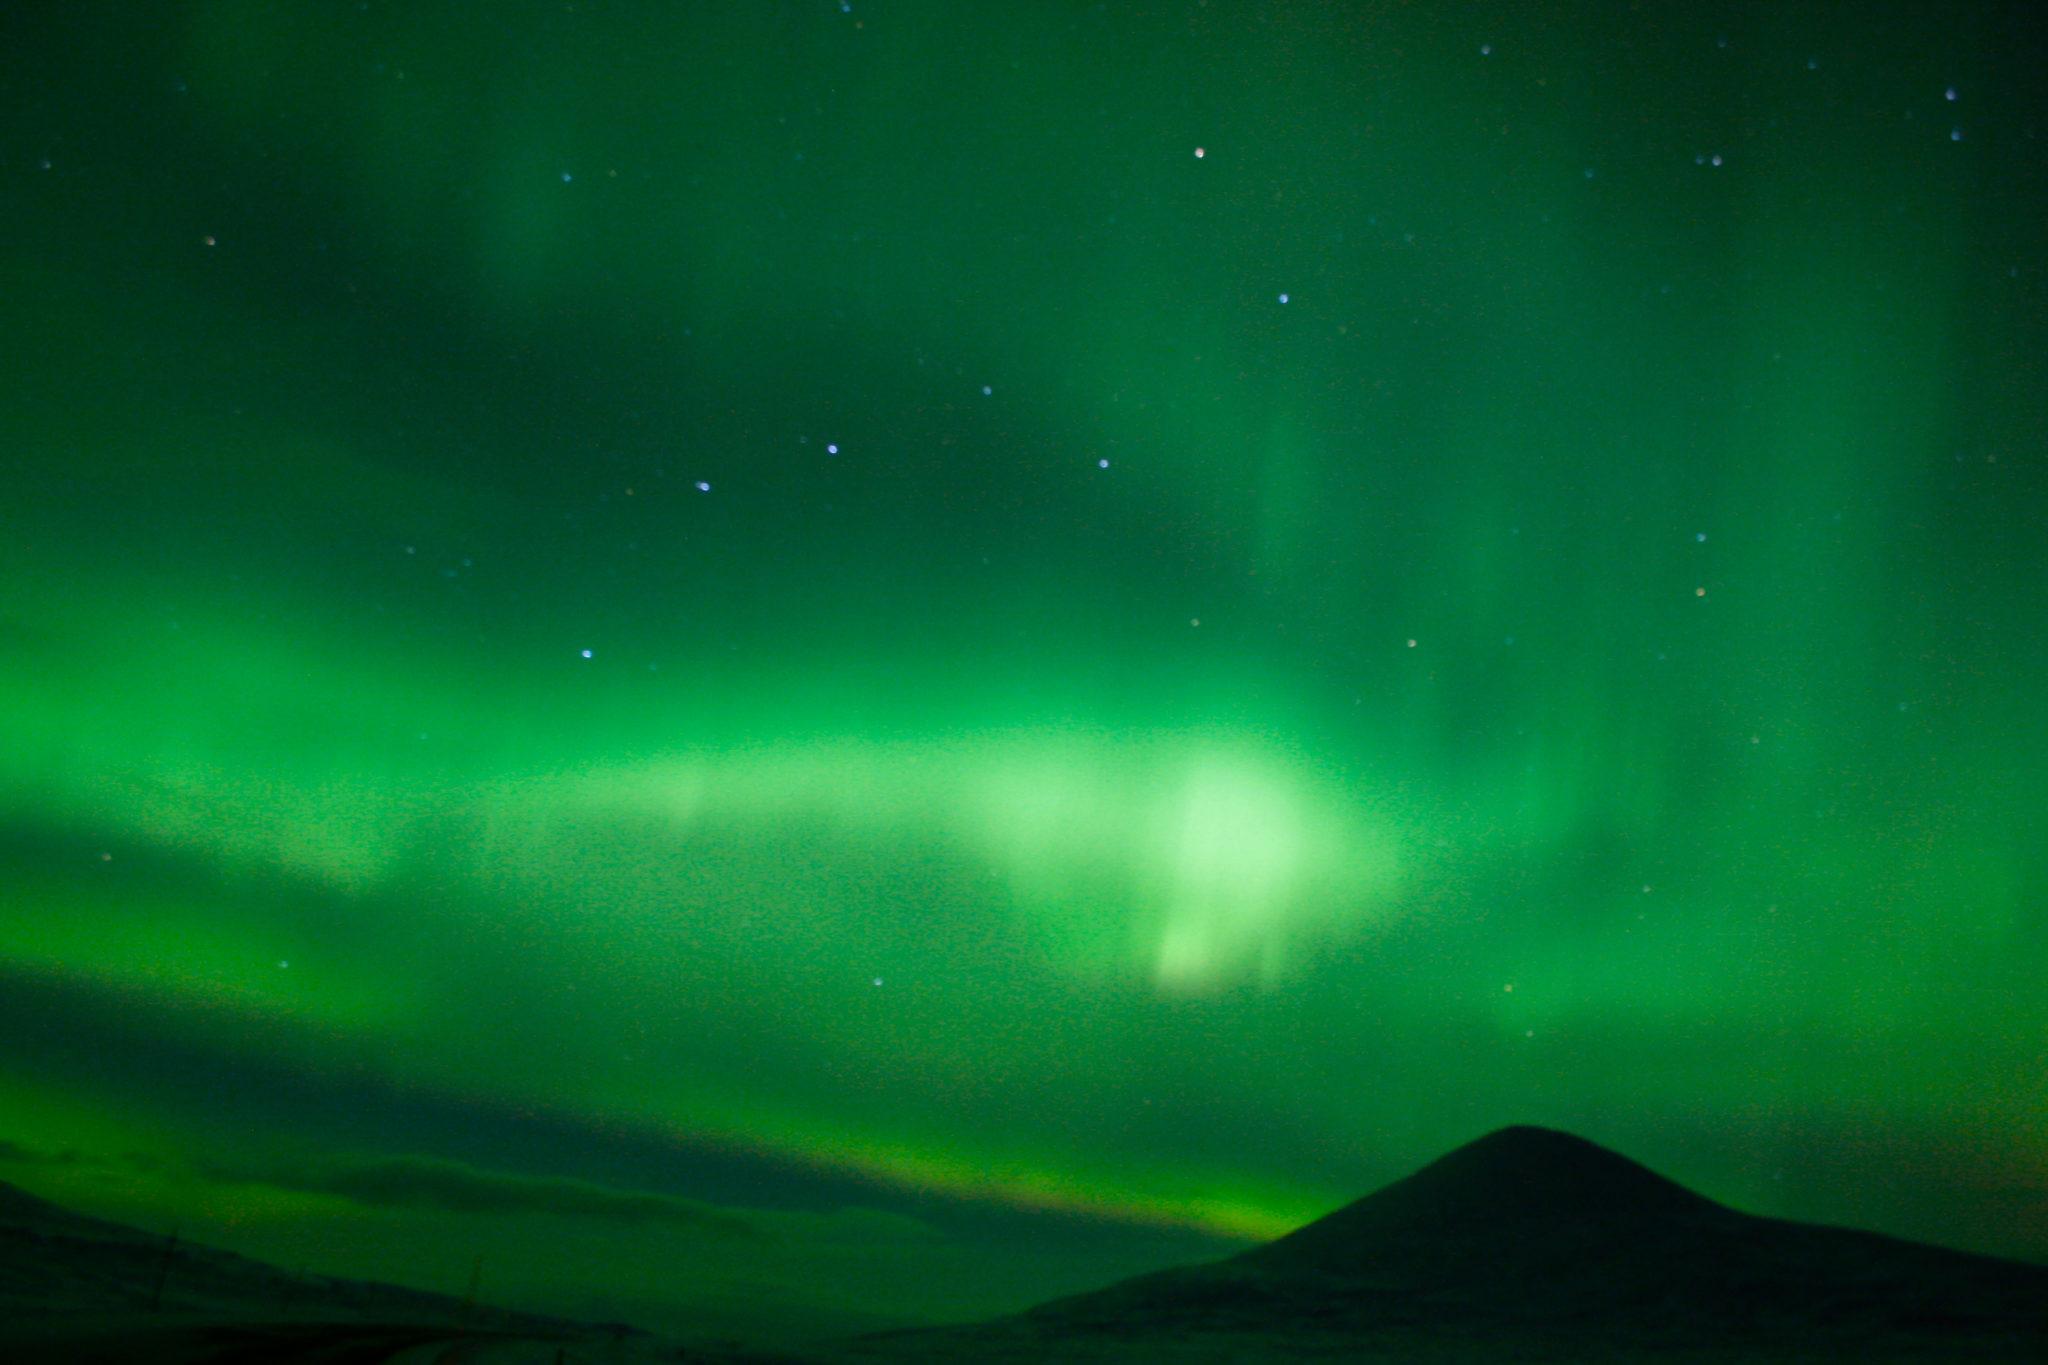 """""""Nordlyset over Muen"""" Jeg tok dette bildet på Venabygdsfjellet 2. juledag 2014, der nordlyset danser over nattehimmelen og lyser opp over majestetiske Muen. Dette var mitt første forsøk på å ta bilde av nordlyset, så jeg er veldig glad i det likevel."""